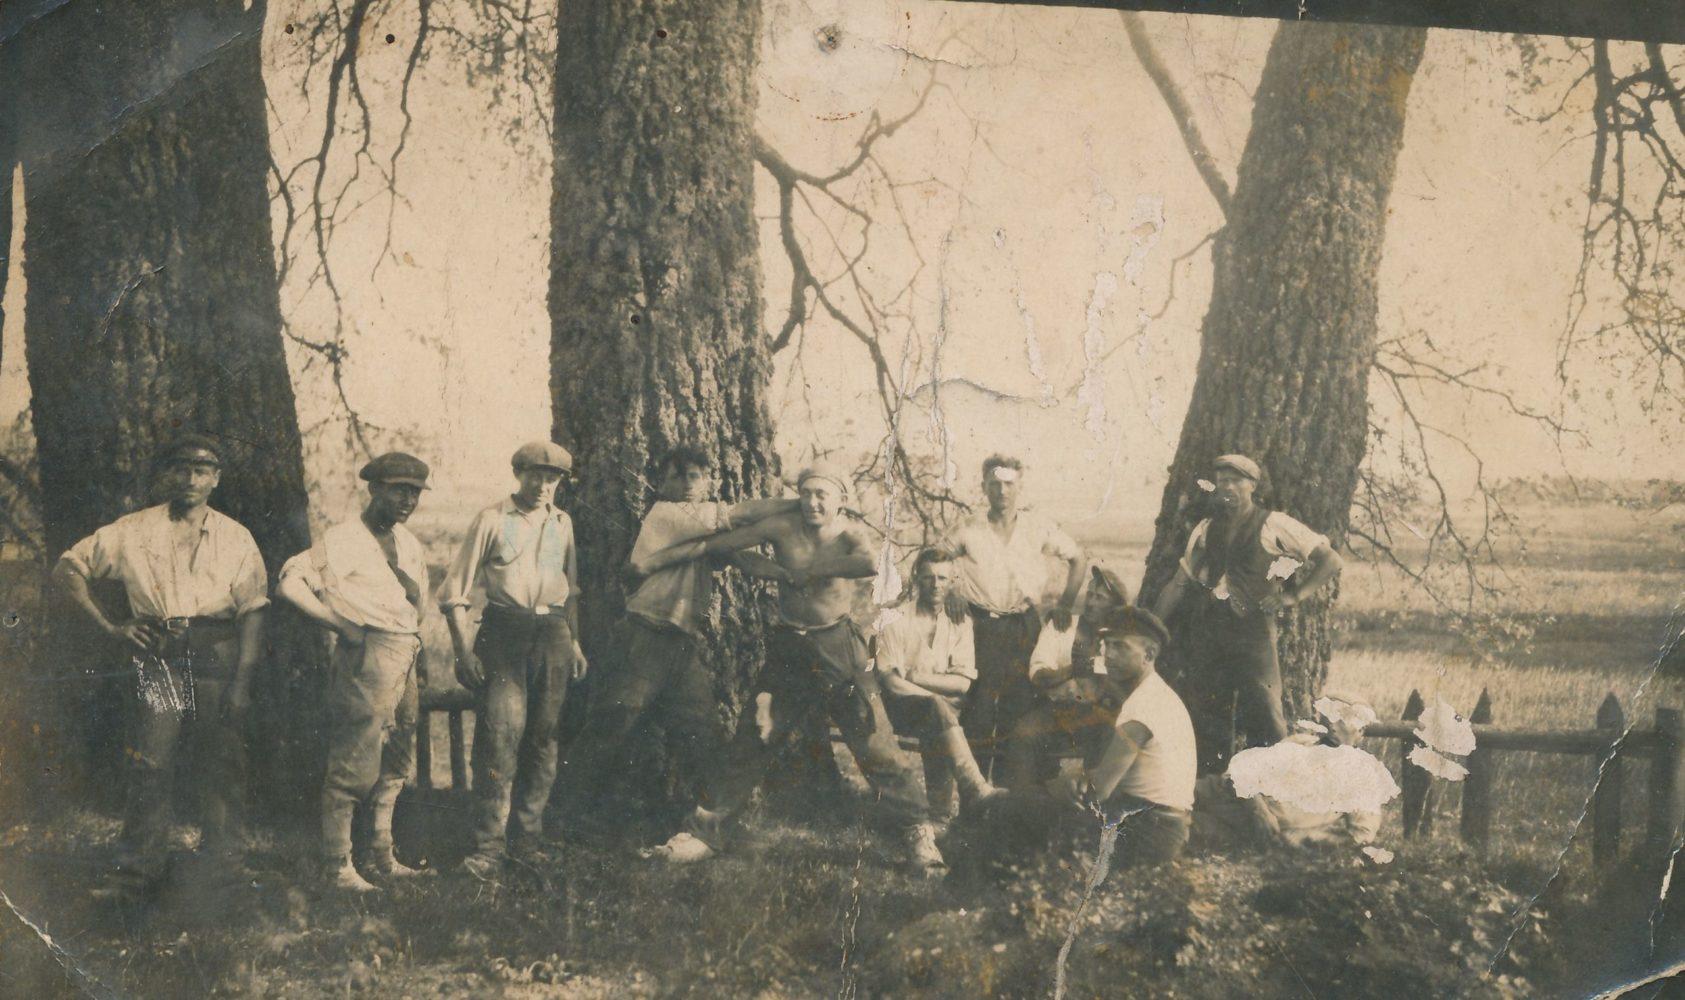 Sanžilės kanalo kasėjai. [Bernatoniai, Panevėžio r.]. 1930 m. Panevėžio apskrities Gabrielės Petkevičaitės-Bitės viešoji biblioteka, Pavienių rankraščių fondas F8-661